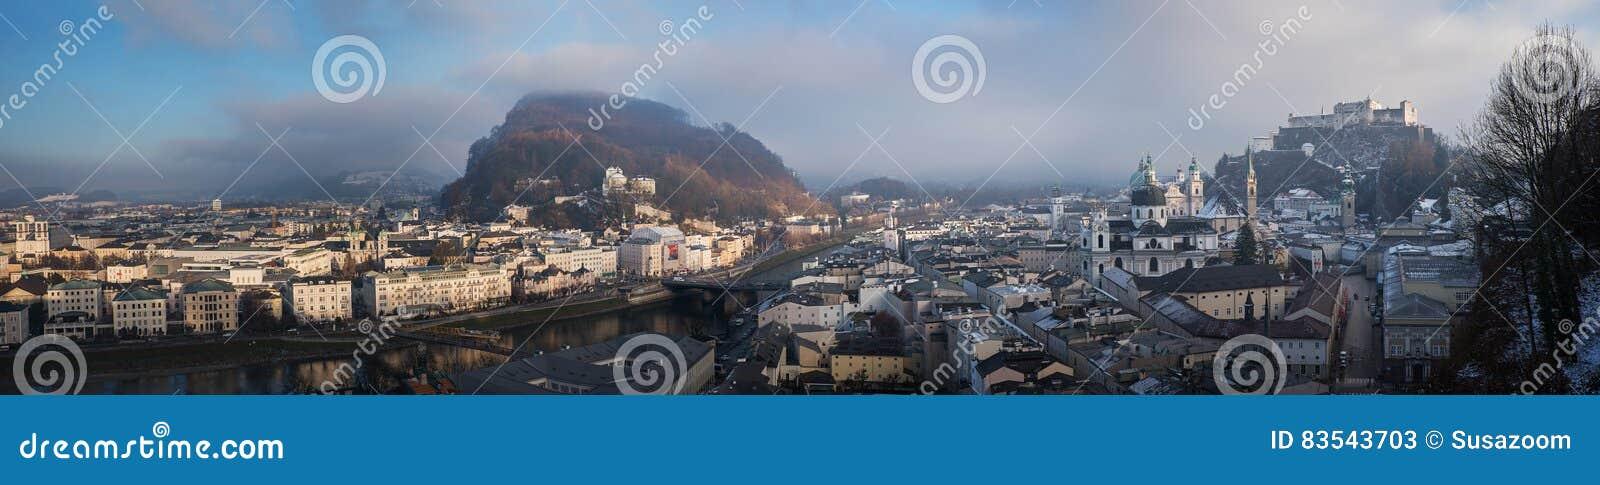 Cidade velha de salzburg no alvorecer - vista panorâmica do mönchsberg h